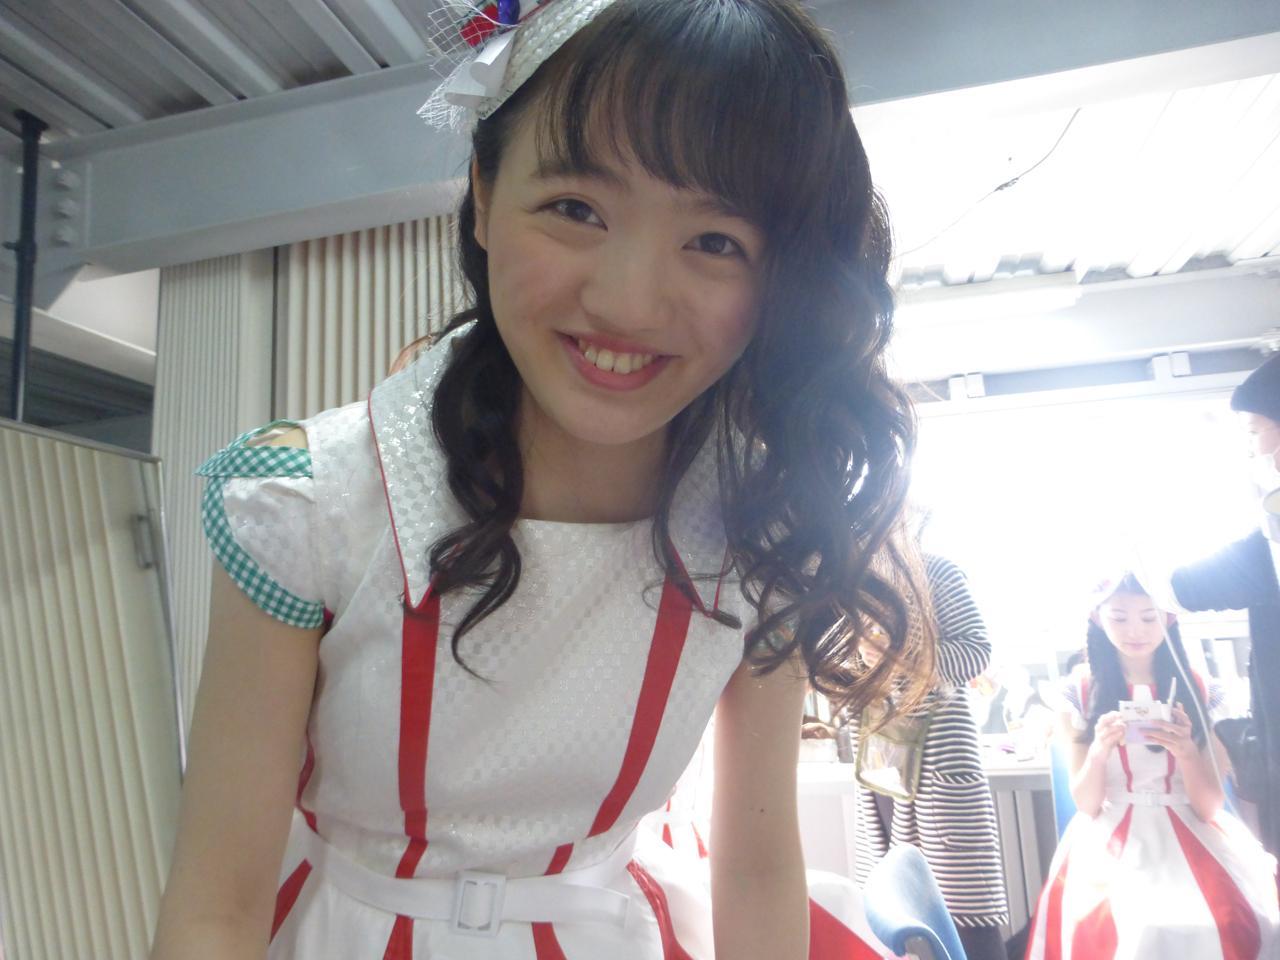 Kalau yang ini stabil. Kiyama-san yang tertua dengan wajah tersenyum. (Ai)